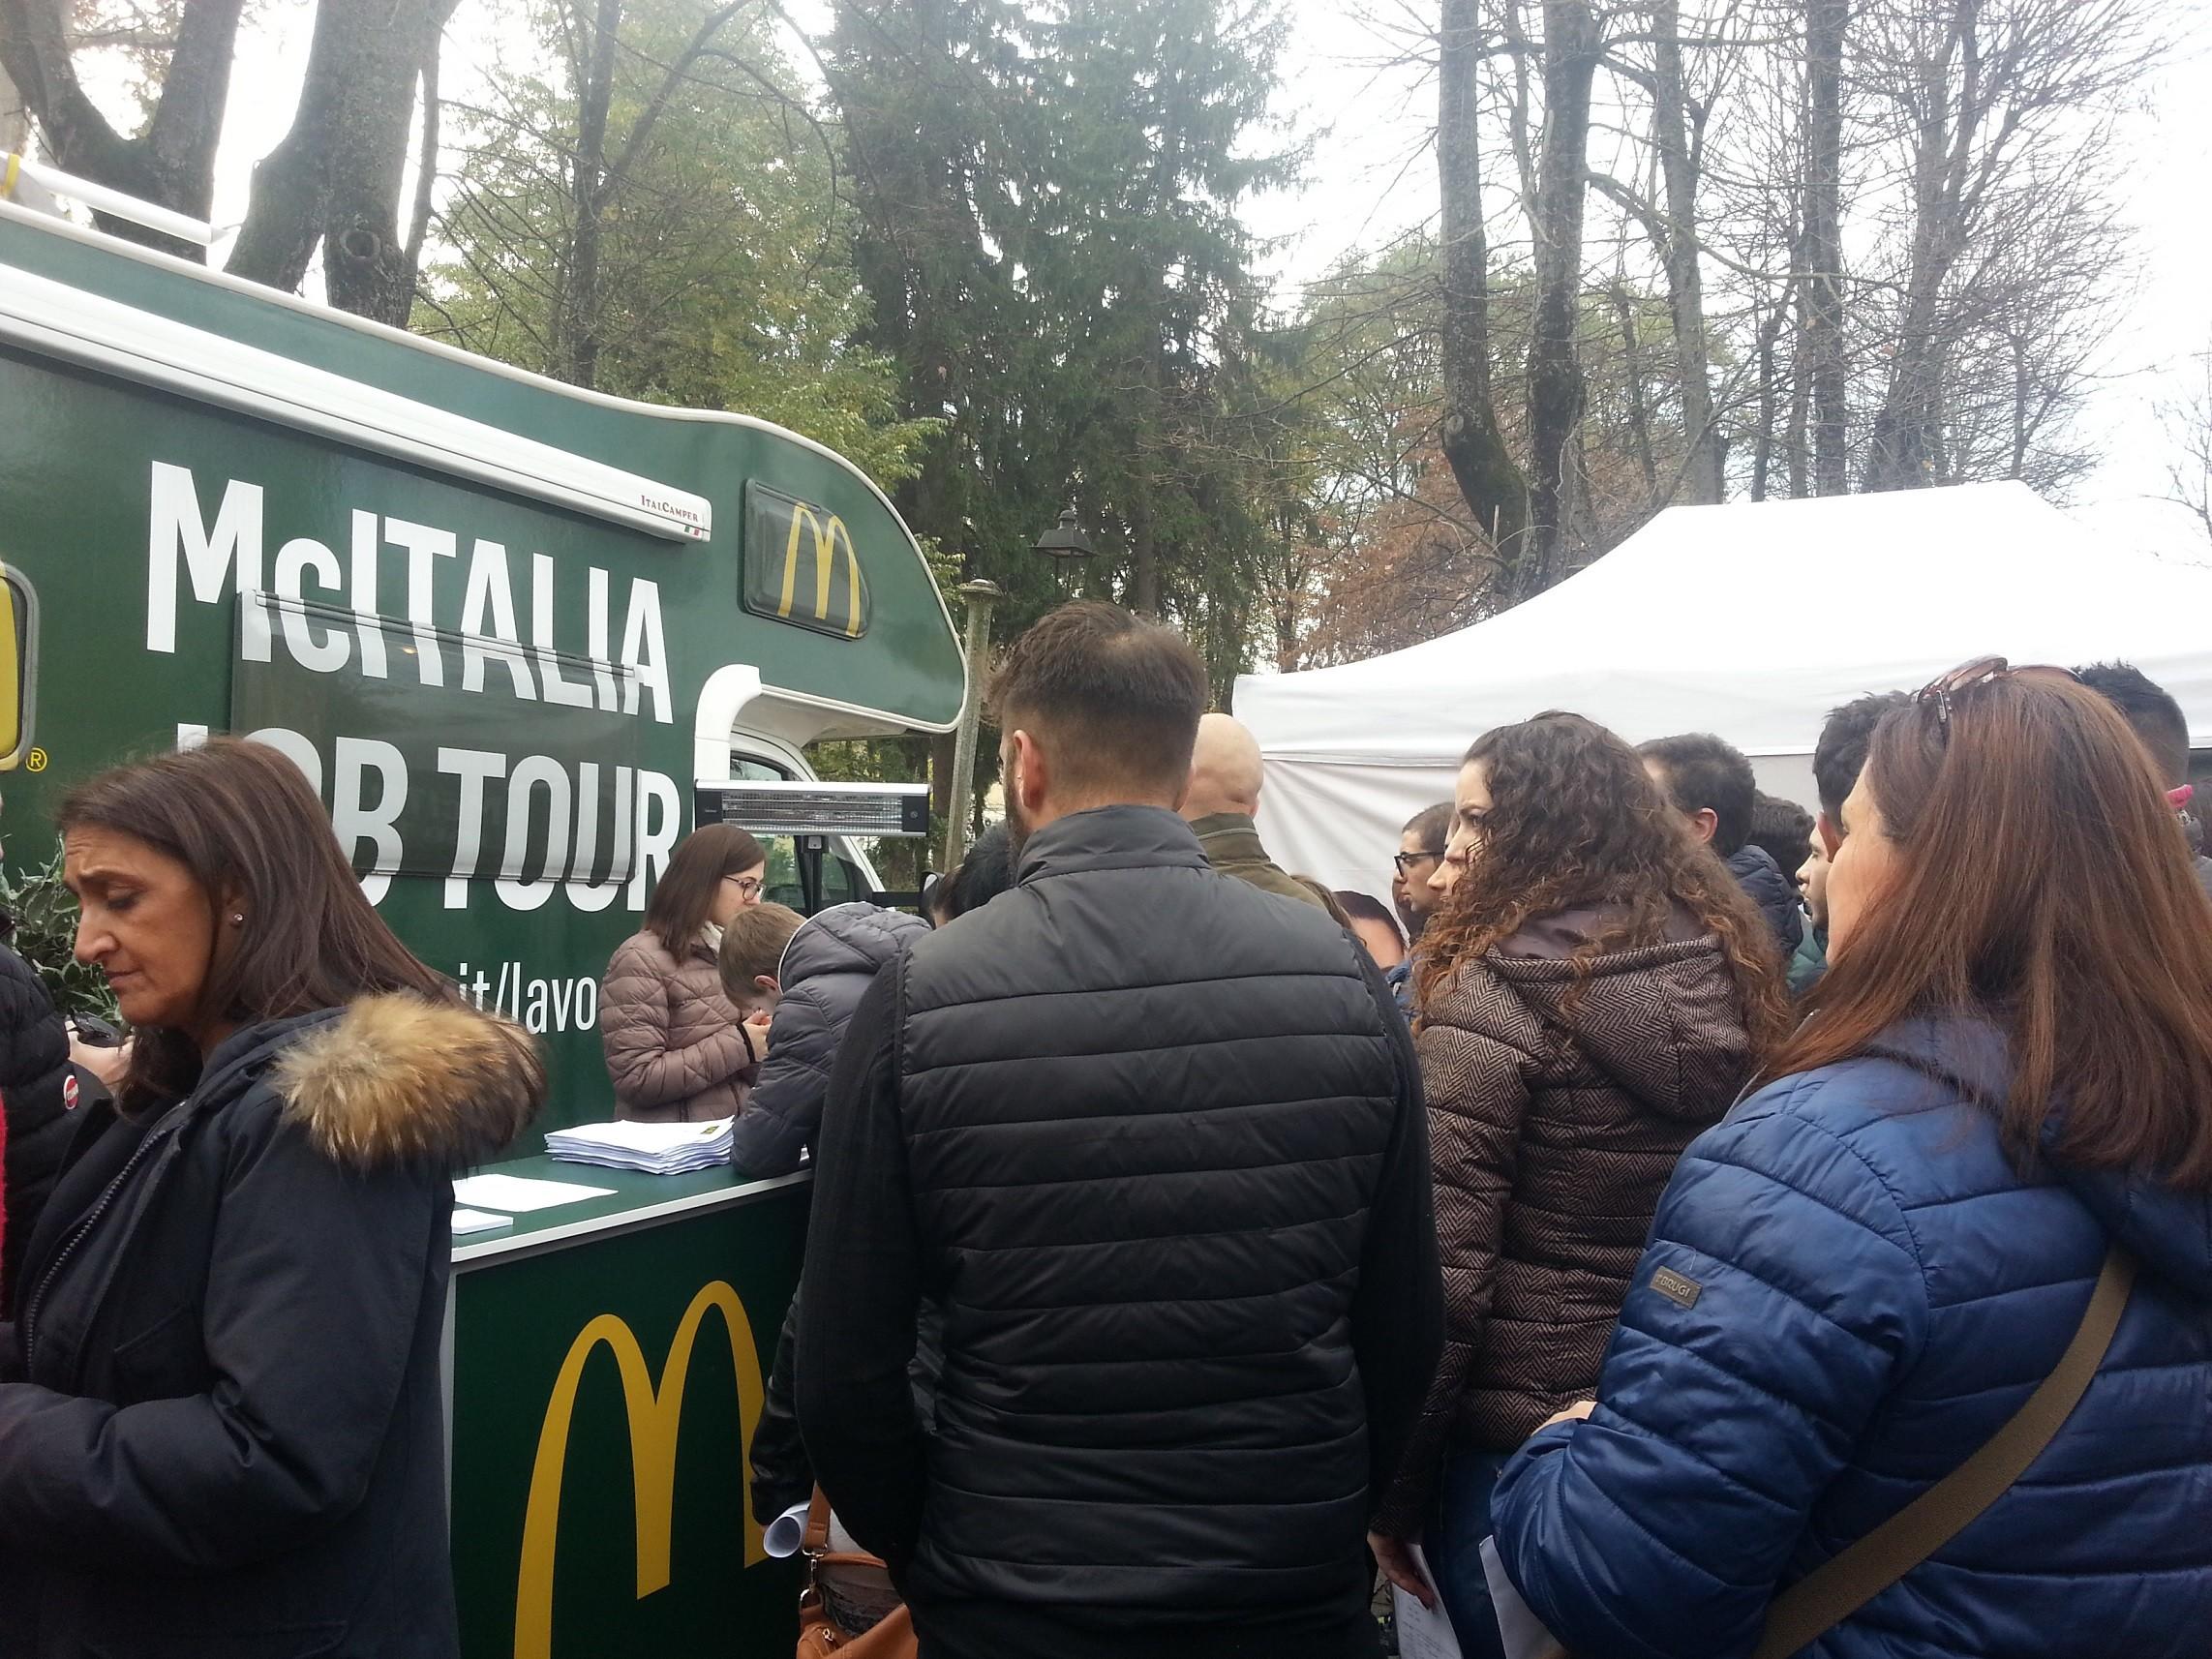 Il McItalia Job Tour fa tappa ad Avezzano i colloqui per 32 posti di lavoro da McDonald's